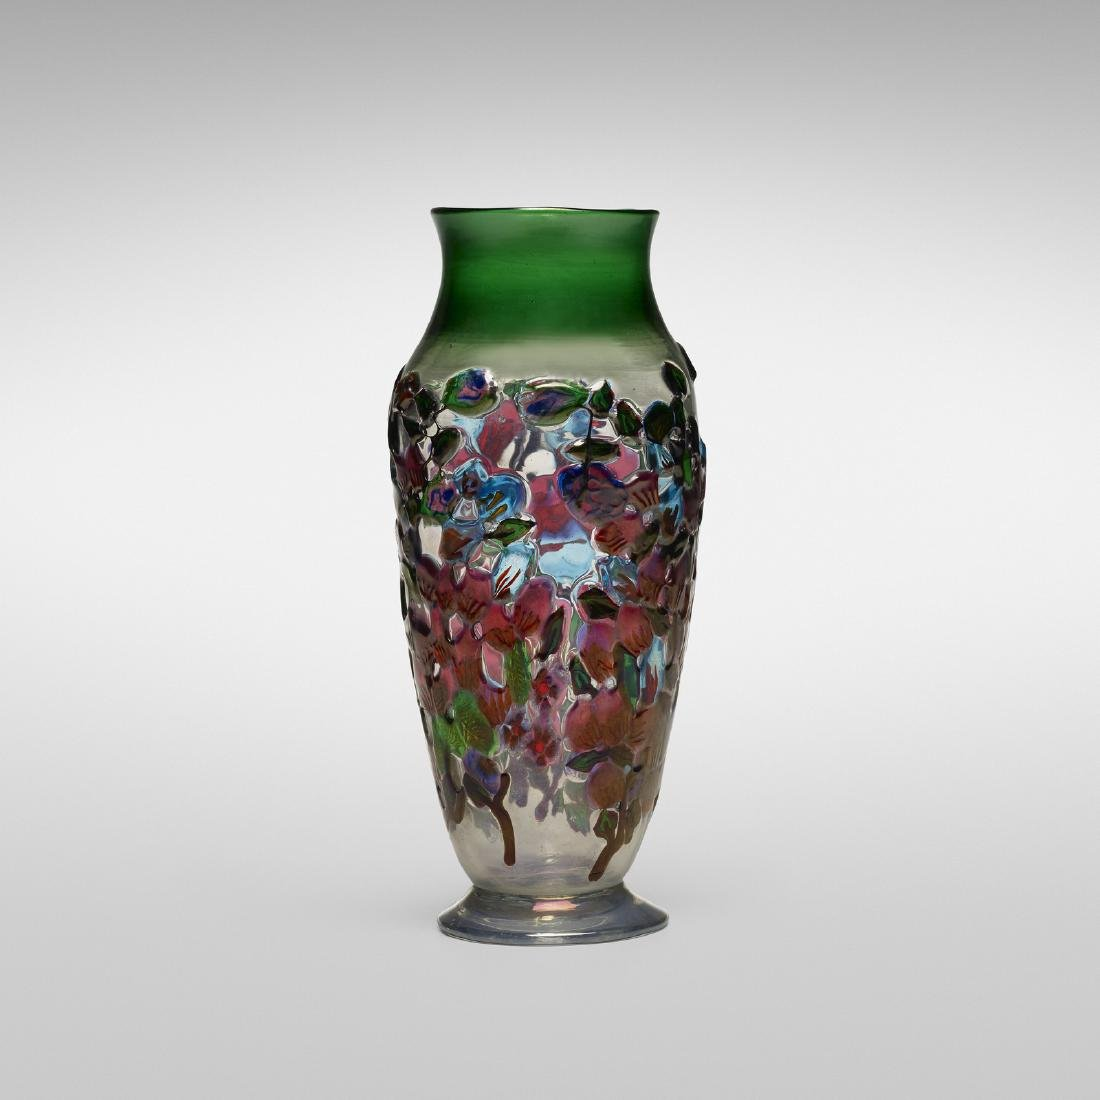 Artisti Barovier, A Murrine Applicate vase